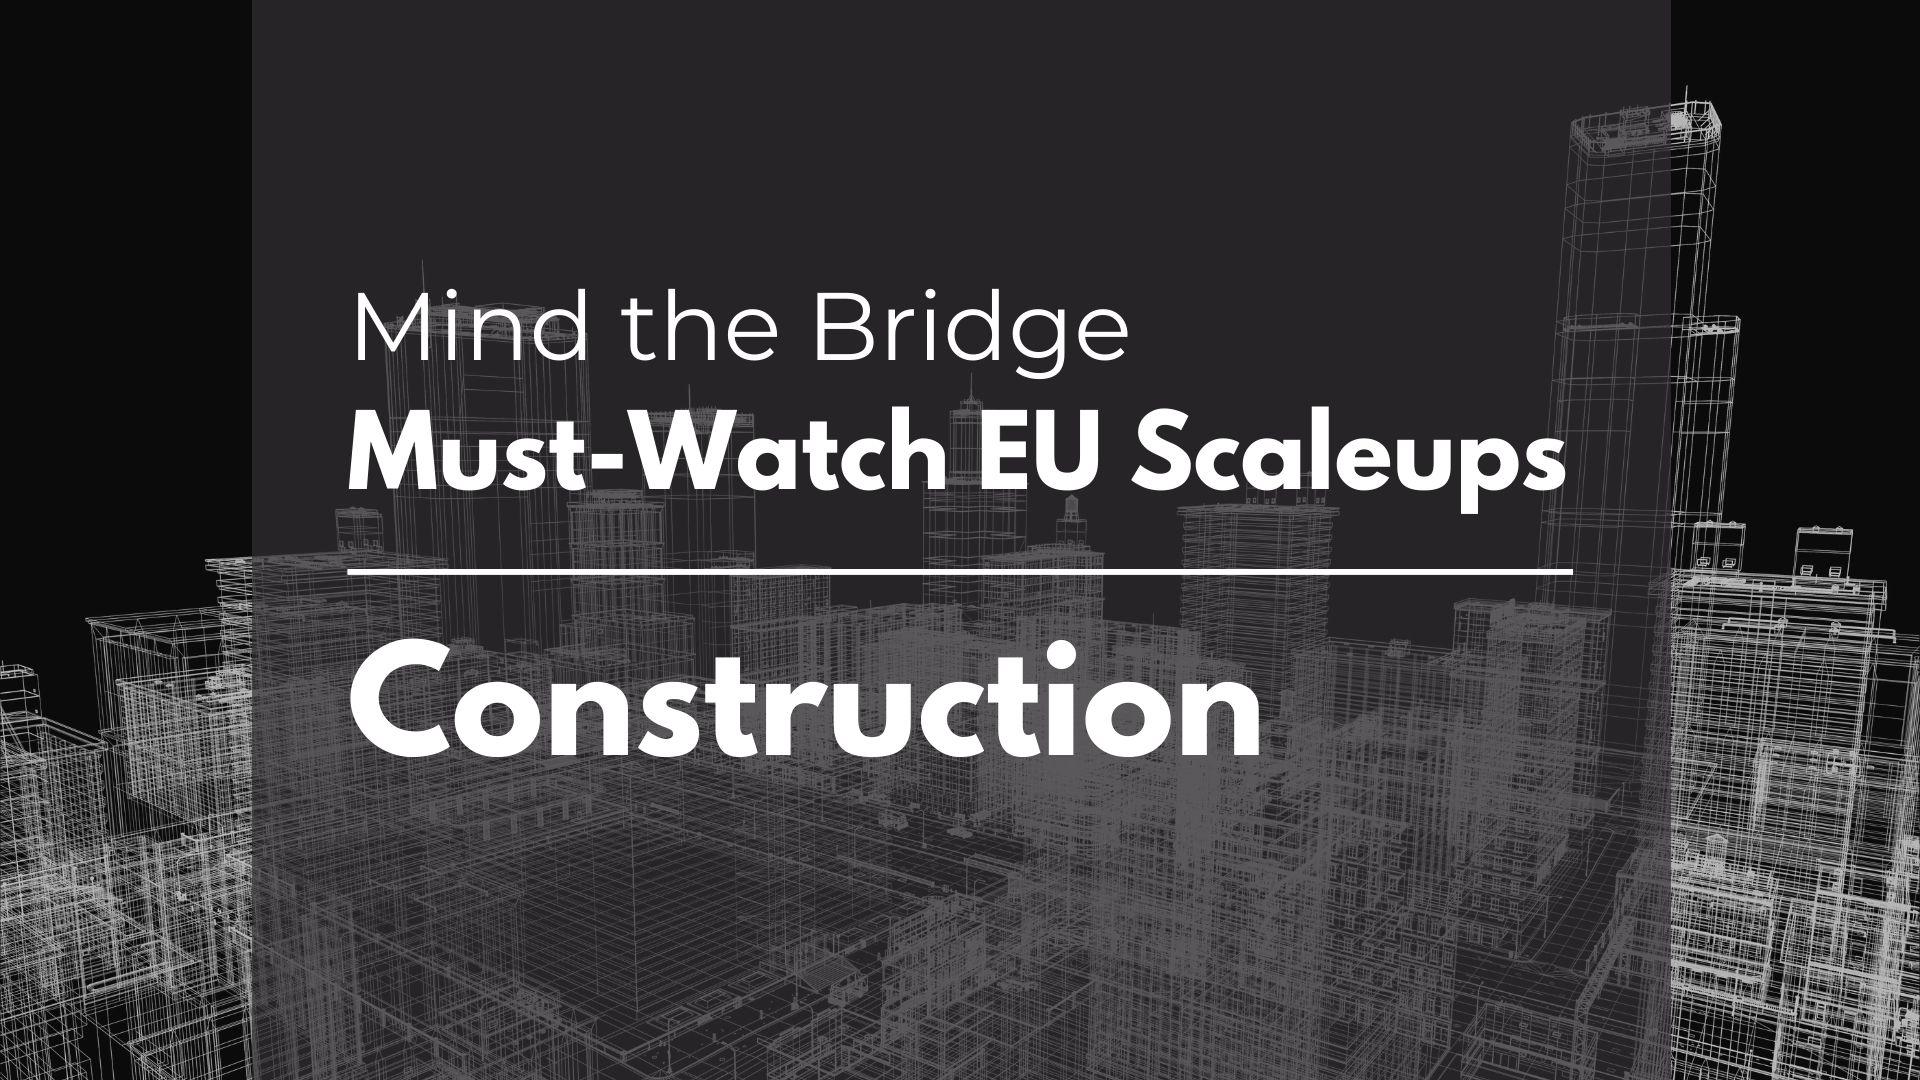 MTB's Must-Watch EU Scaleup list - Construction